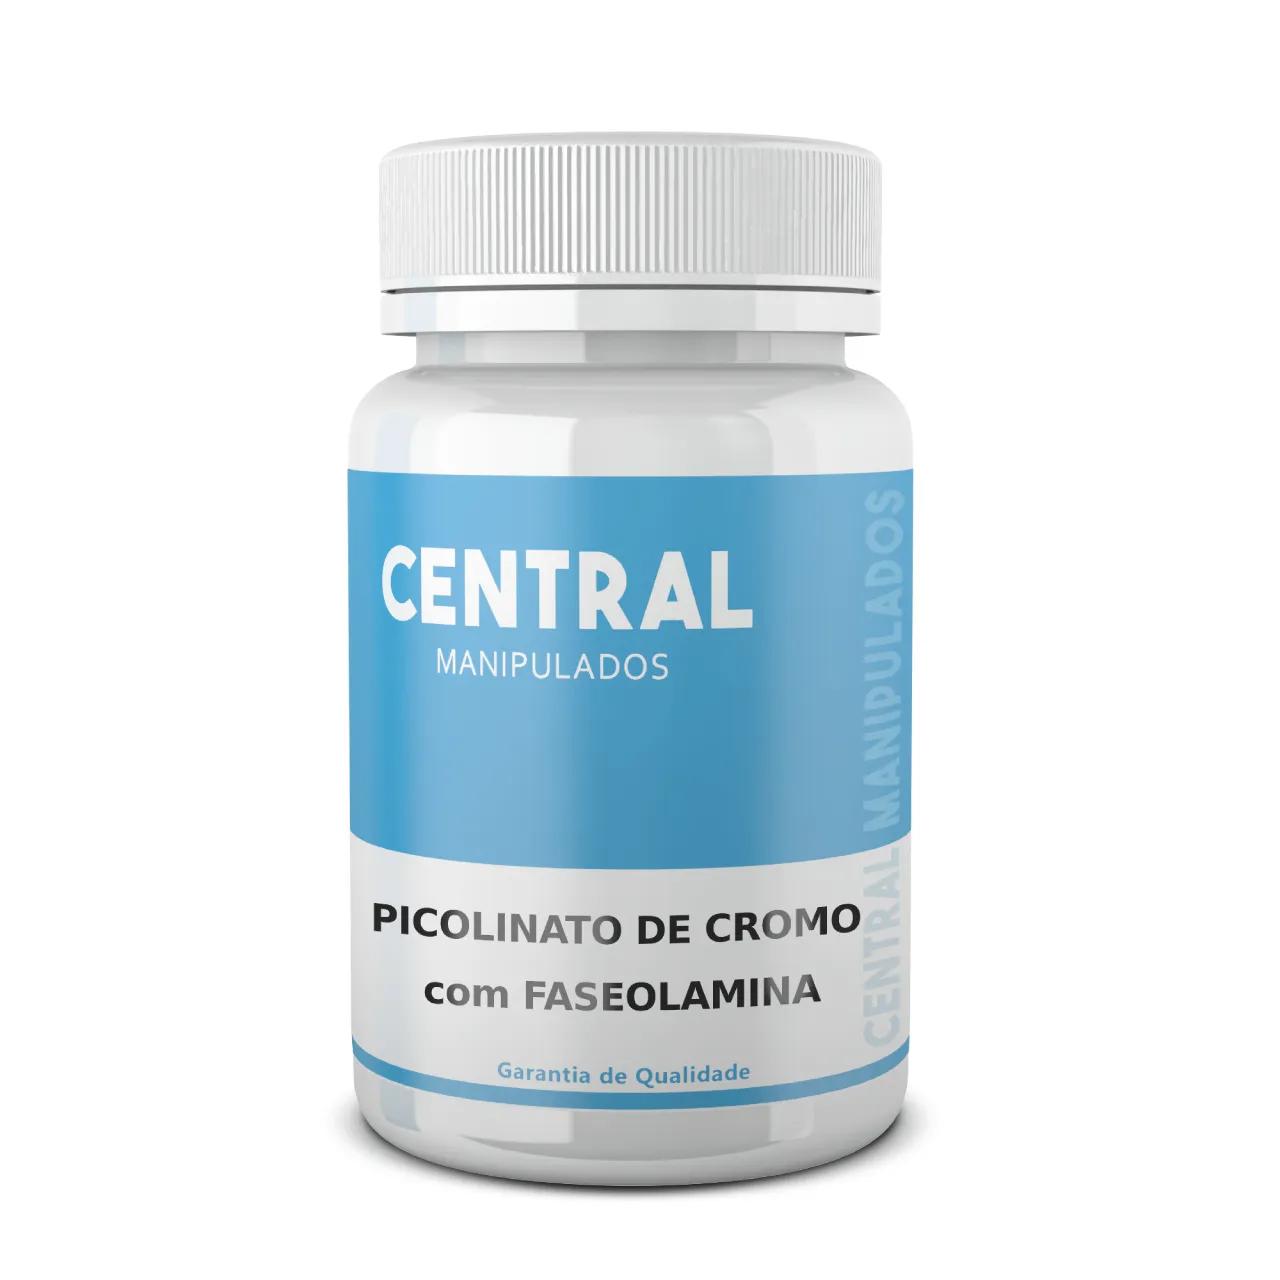 Picolinato de Cromo 250mcg + Faseolamina 500mg - 120 cápsulas - Auxílio na Redução de Medidas e Gerenciamento do Peso